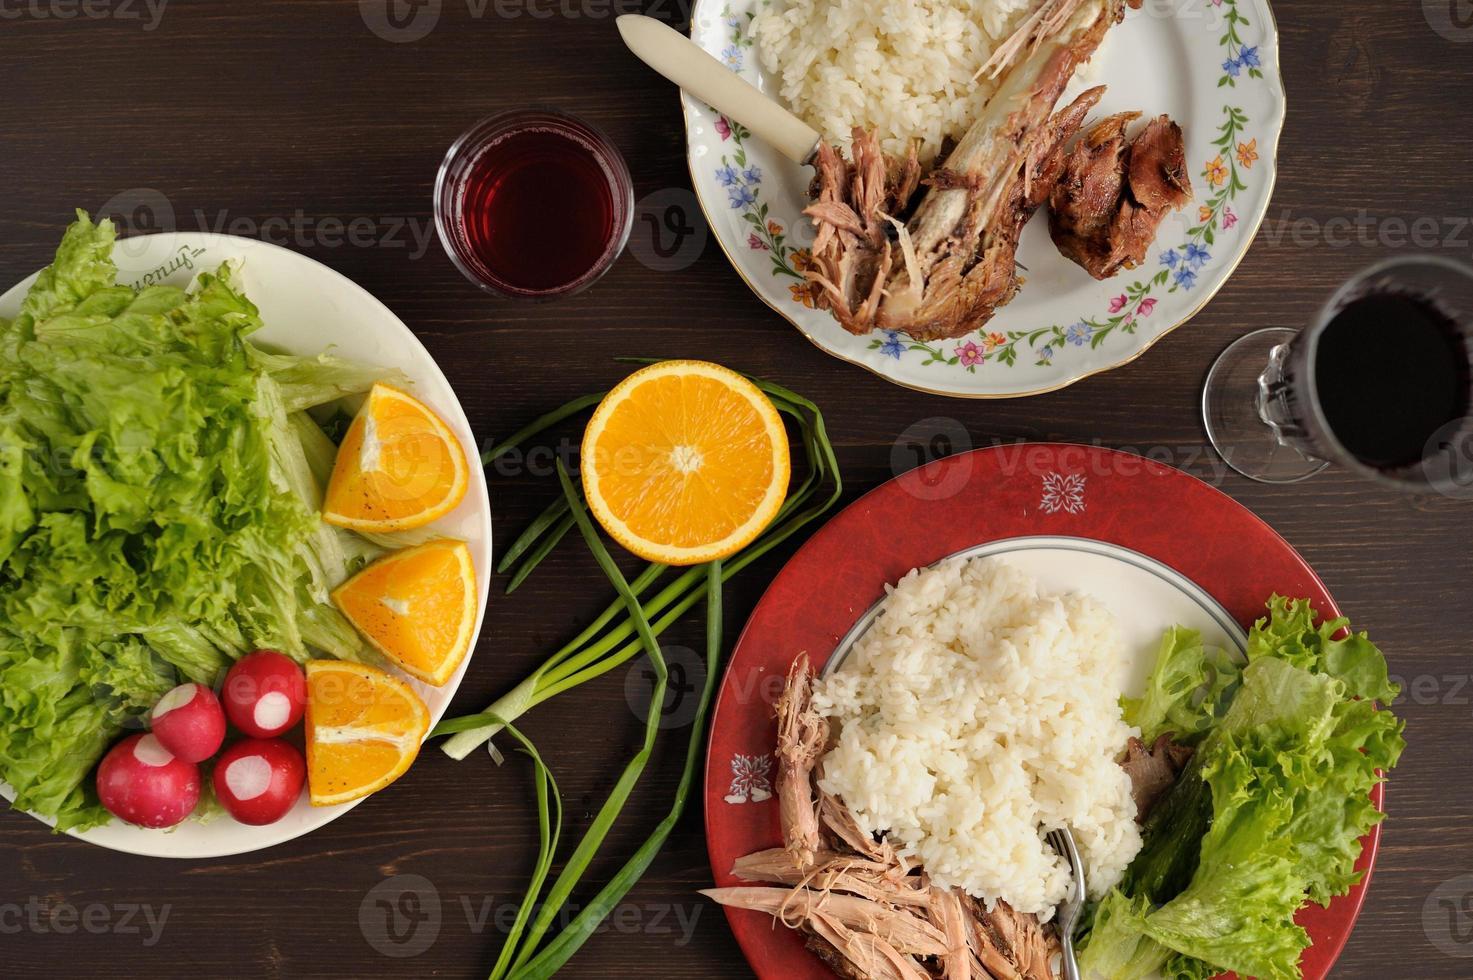 jantar od carne de peru com arroz, salada de alface com rabanete foto